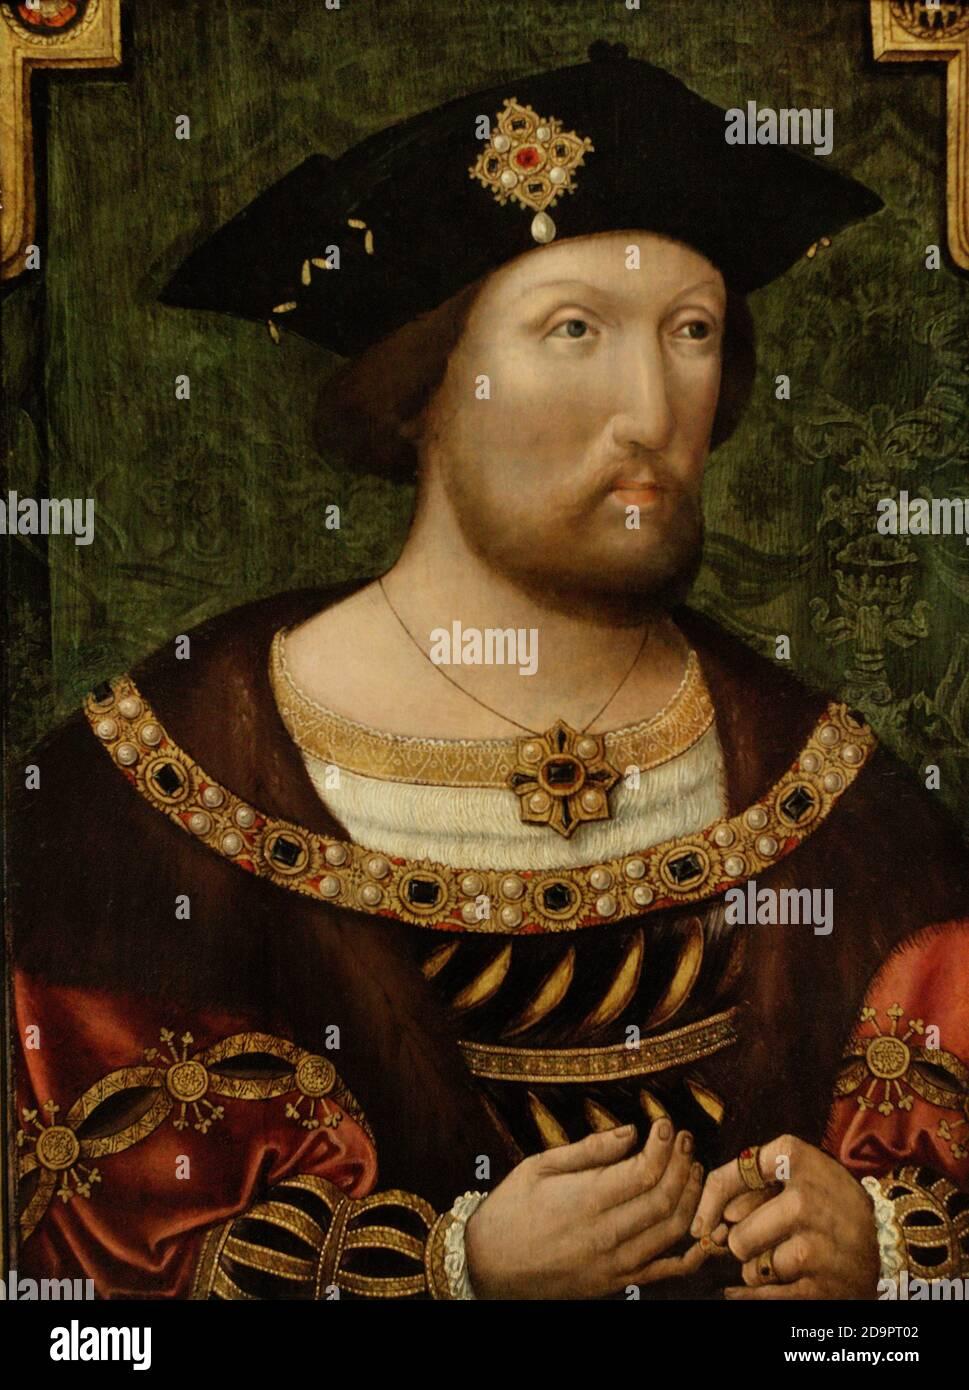 König Heinrich VIII. (1491-1547). König von England (1509-1547). Er ernannte sich als Leiter der Kirche in England an Stelle des Papstes in 1535. Porträt eines unbekannten anglo-niederländischen Künstlers. Es zeigt, wie der König einen Ring auf seine rechte Hand legt, ein Symbol seiner frommen Frömmigkeit. Dieses Gemälde ist eine Version eines vor-Holbein Porträt-Typ von Henry VIII.. Öl auf Platte (50,8 x 38,1 cm), c. 1520. National Portrait Gallery. London, England, Vereinigtes Königreich. Stockfoto